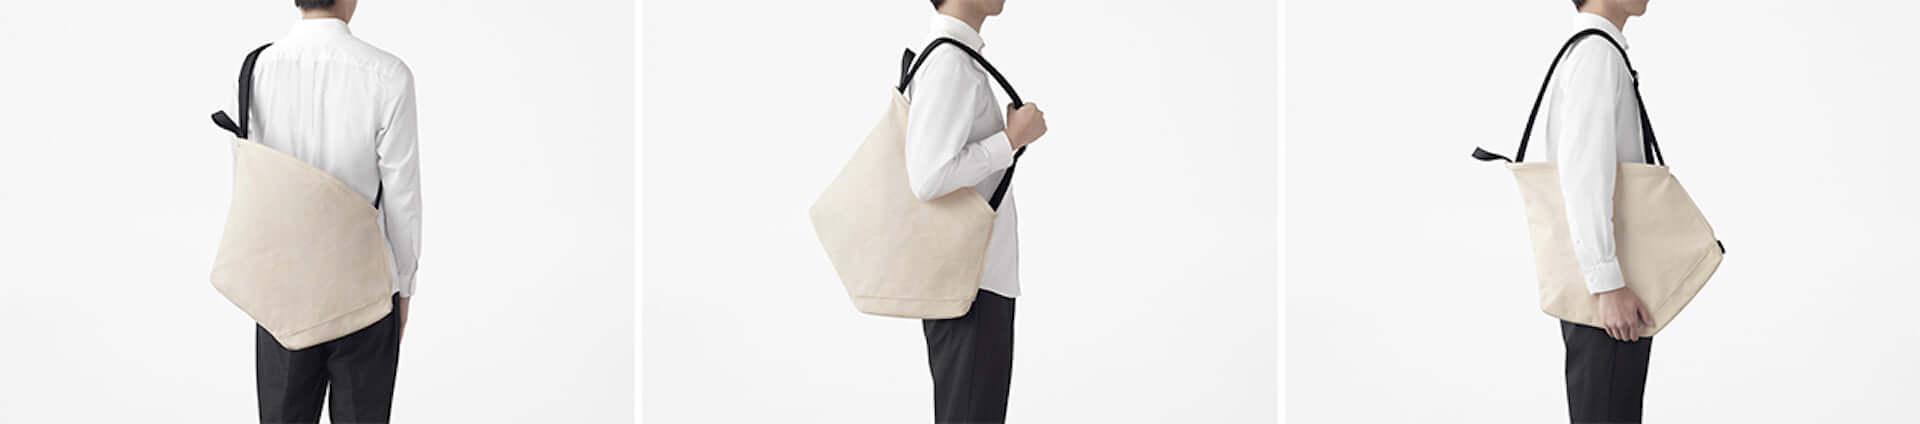 リュックとトートの利便性を兼ね備えたバッグが登場!ROOTOTEとnendoのコラボアイテム「ruck-tote」が発売 a06a47d24f40788a6d44f5d98e0e1881-1920x424